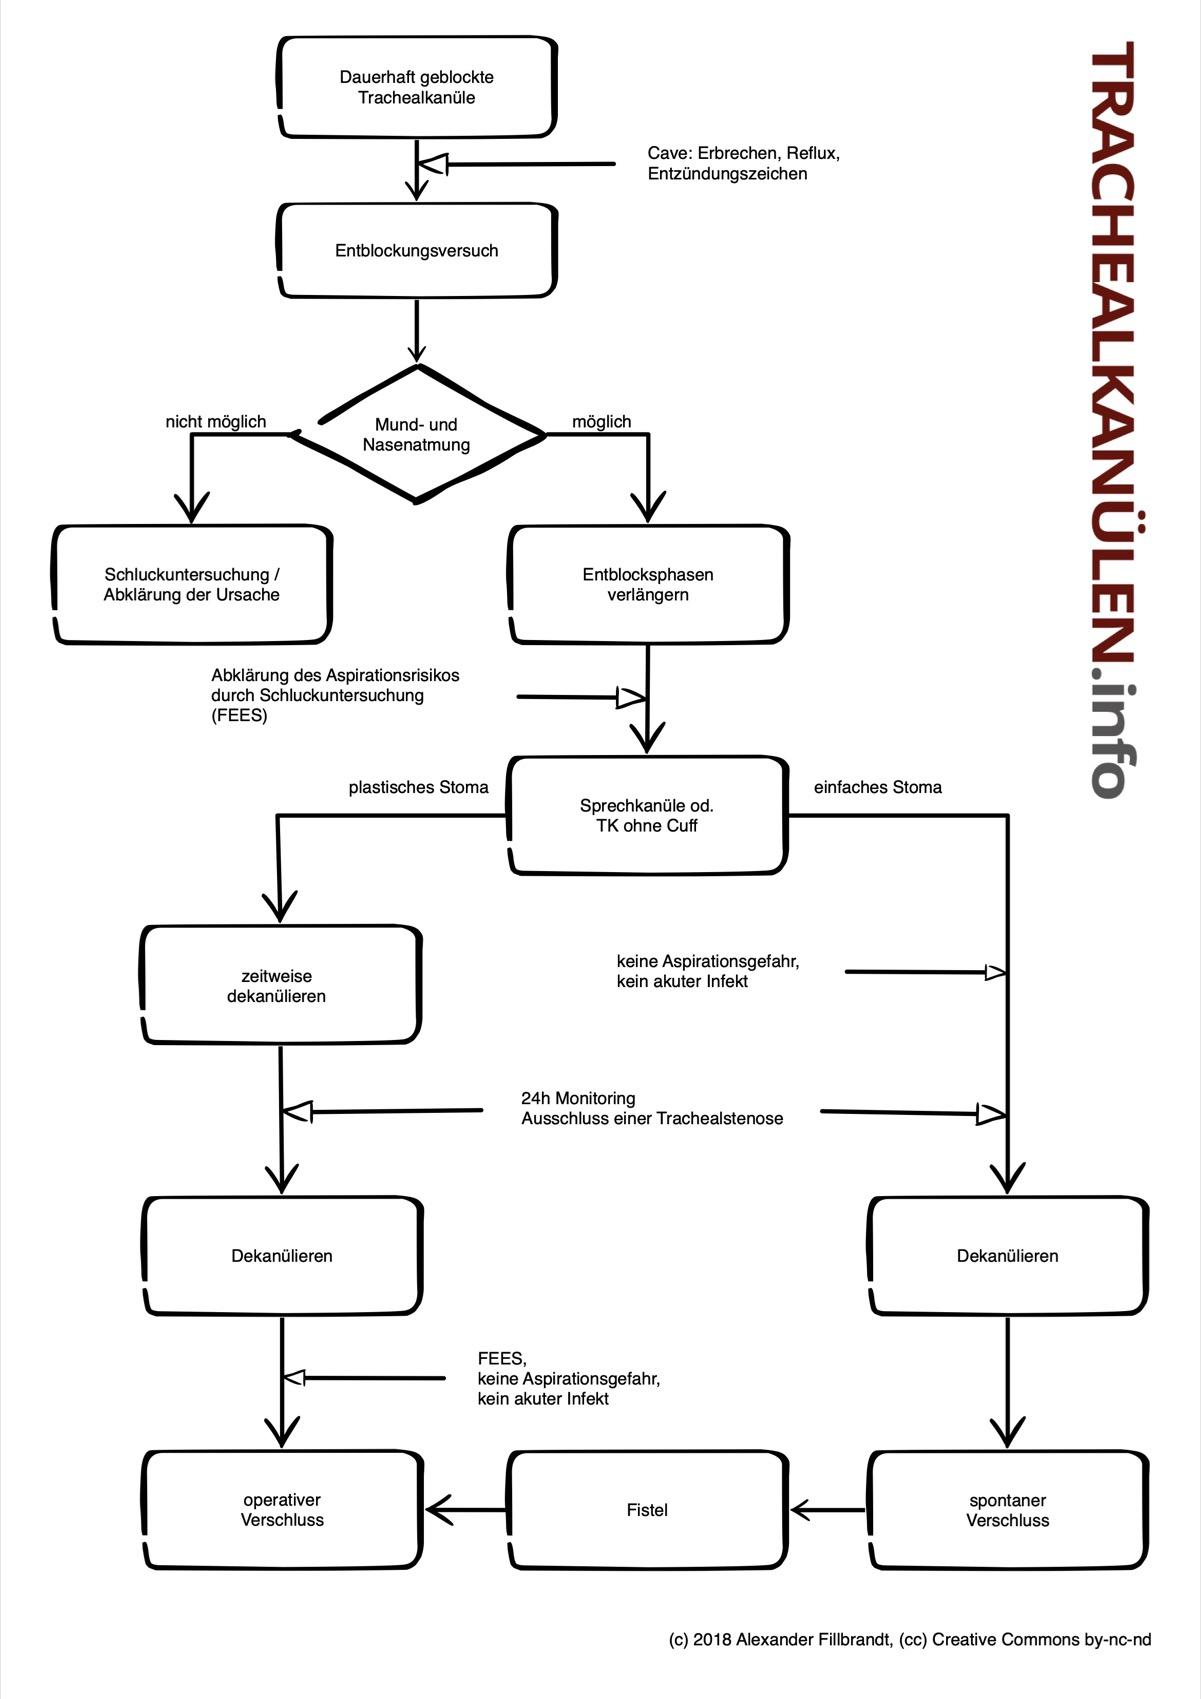 Ein Dekanülierungsschema.